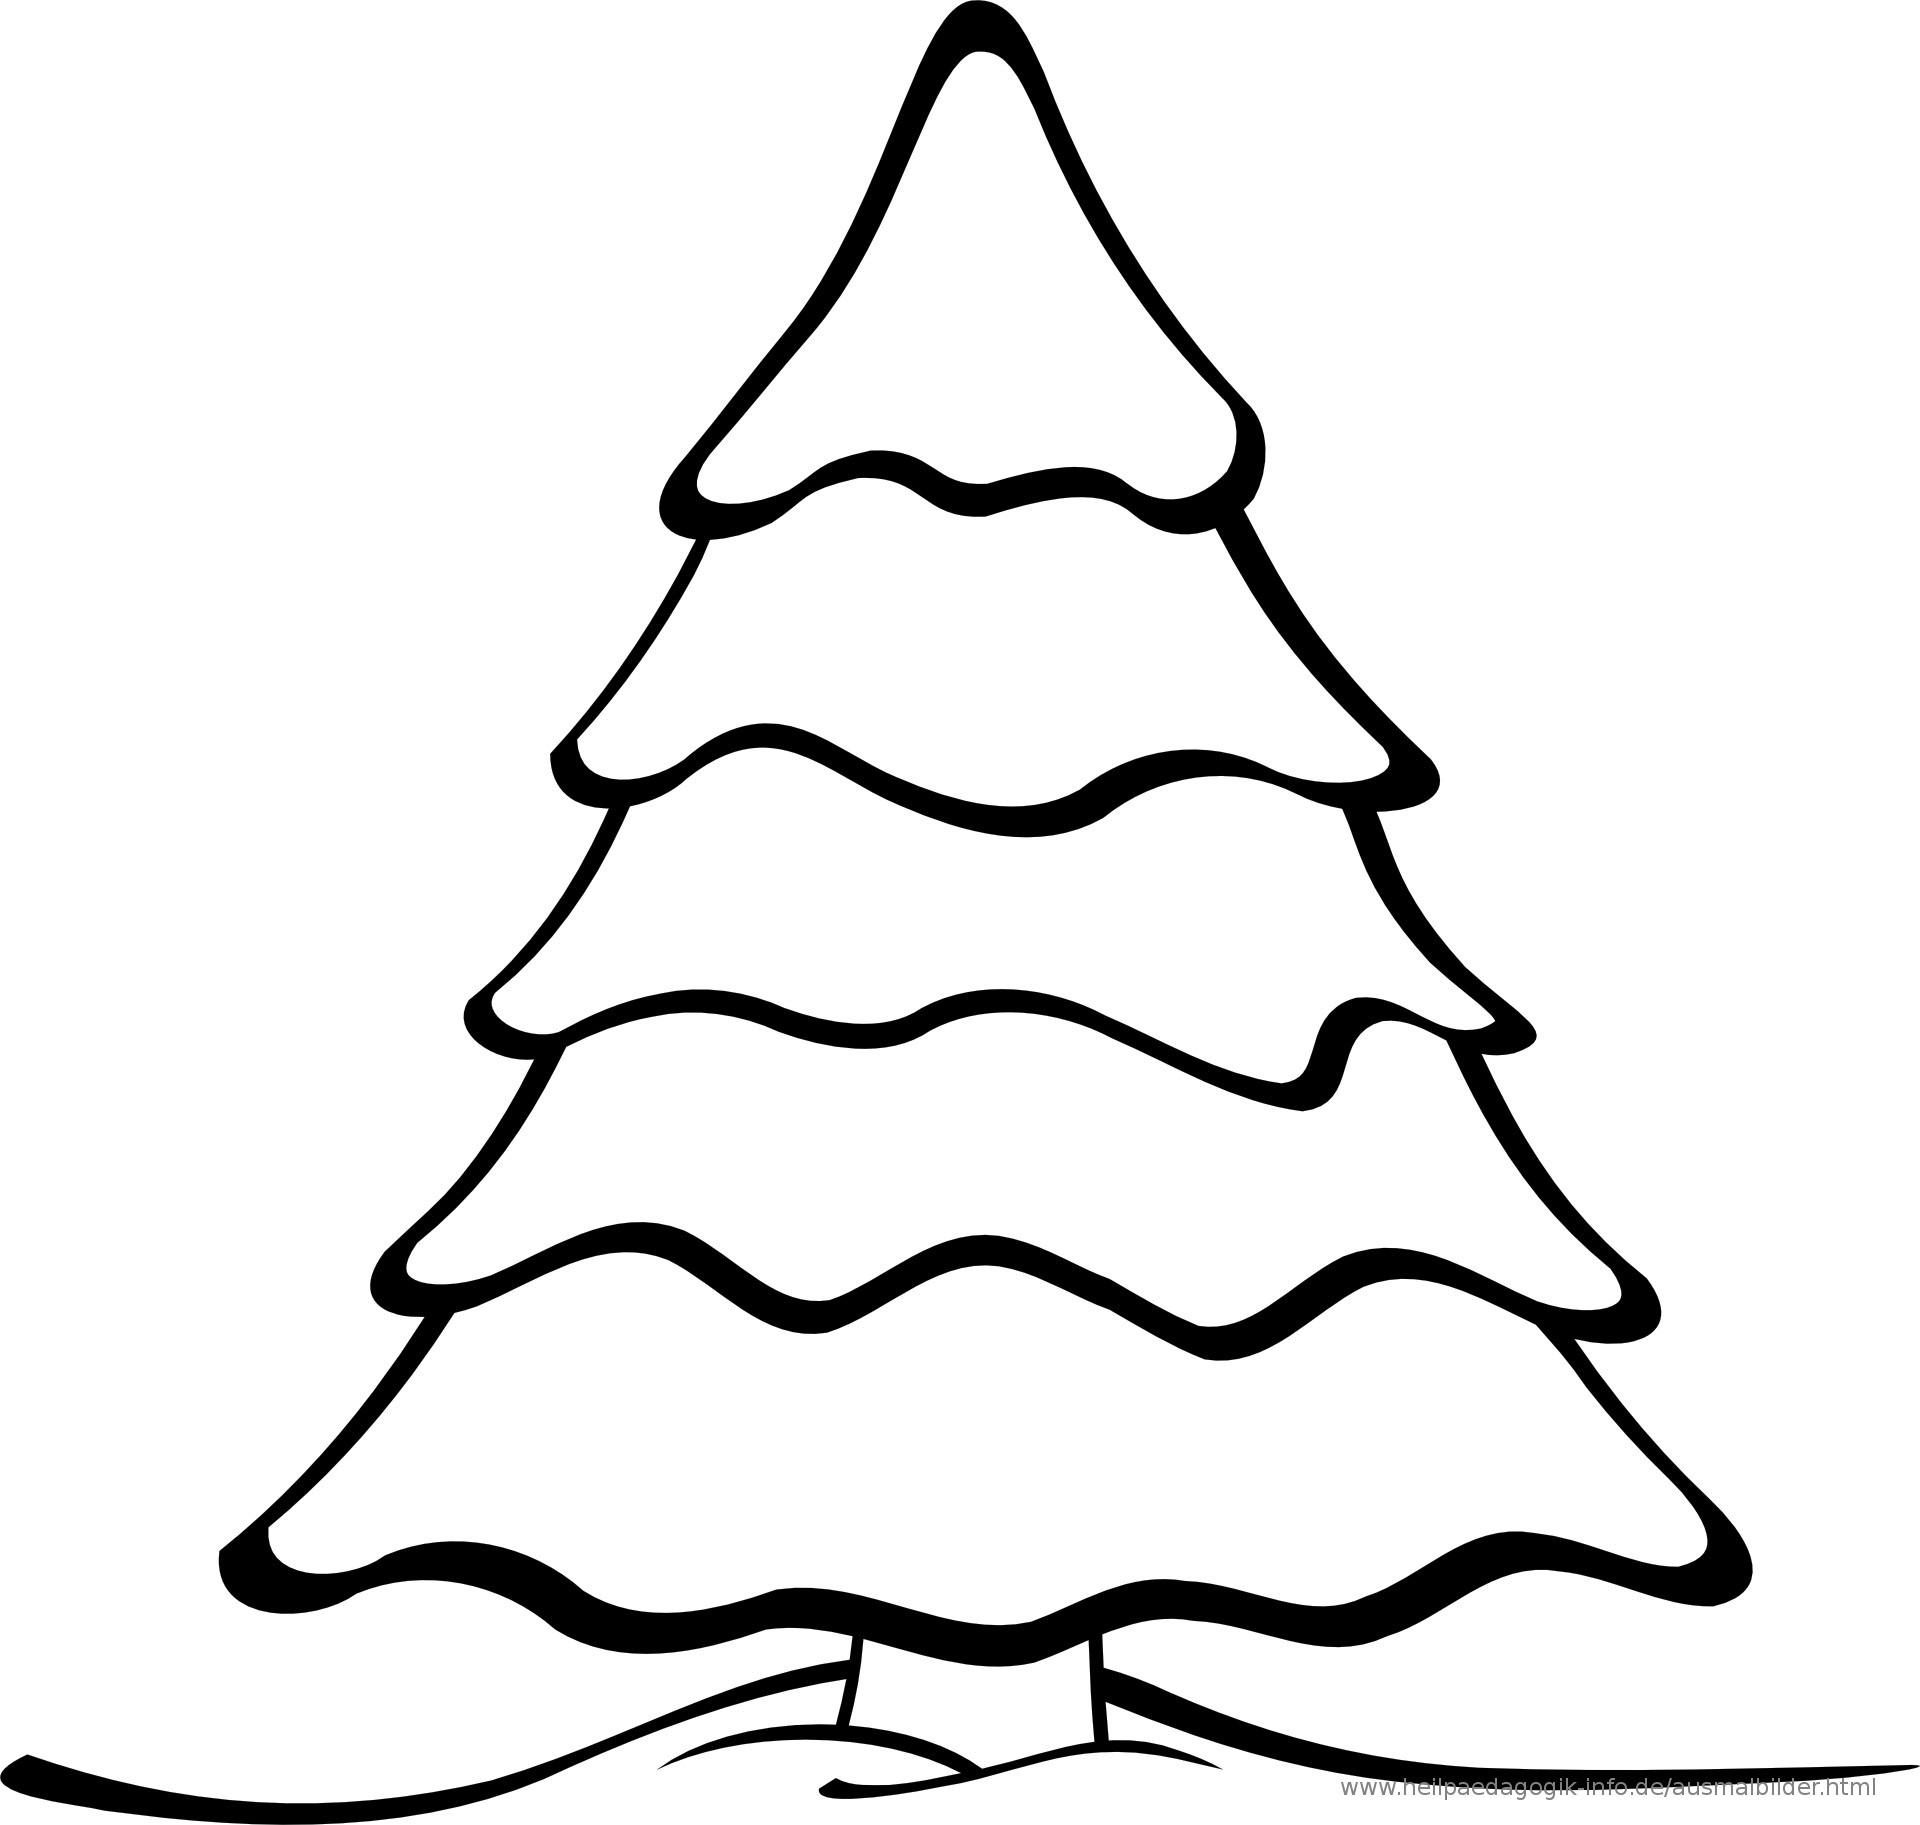 Stern Weihnachten Malvorlage Neu Ausmalbilder Weihnachten Neu Malvorlagen Weihnachten Kostenlos Bilder